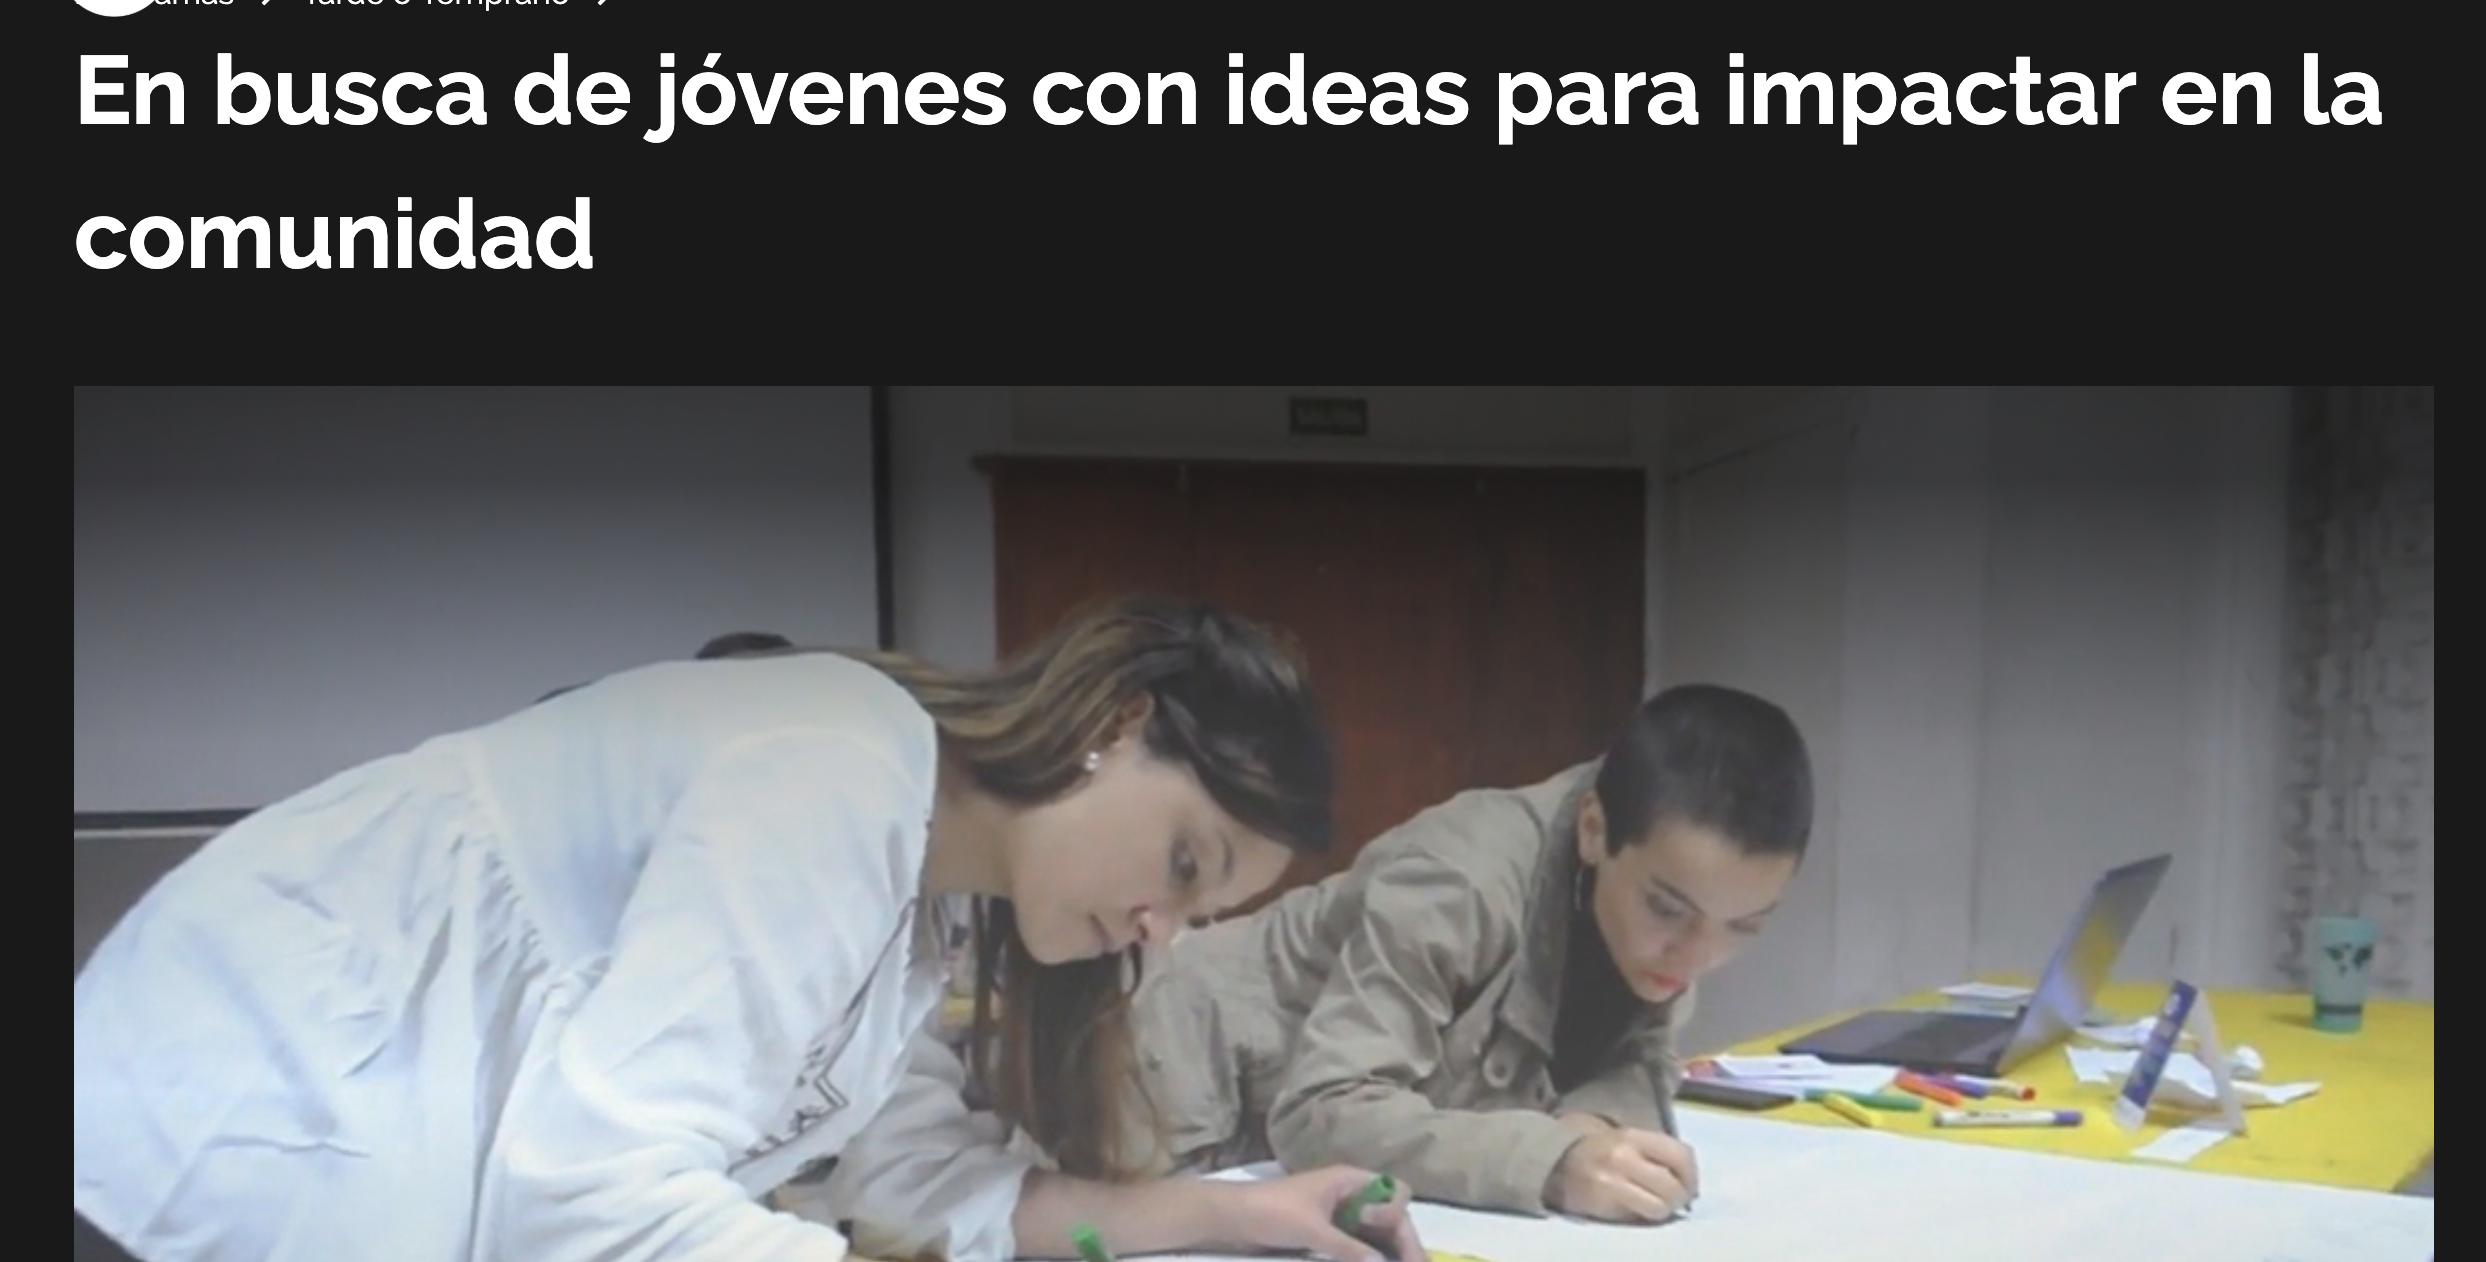 En busca de jóvenes con ideas para impactar en la comunidad -